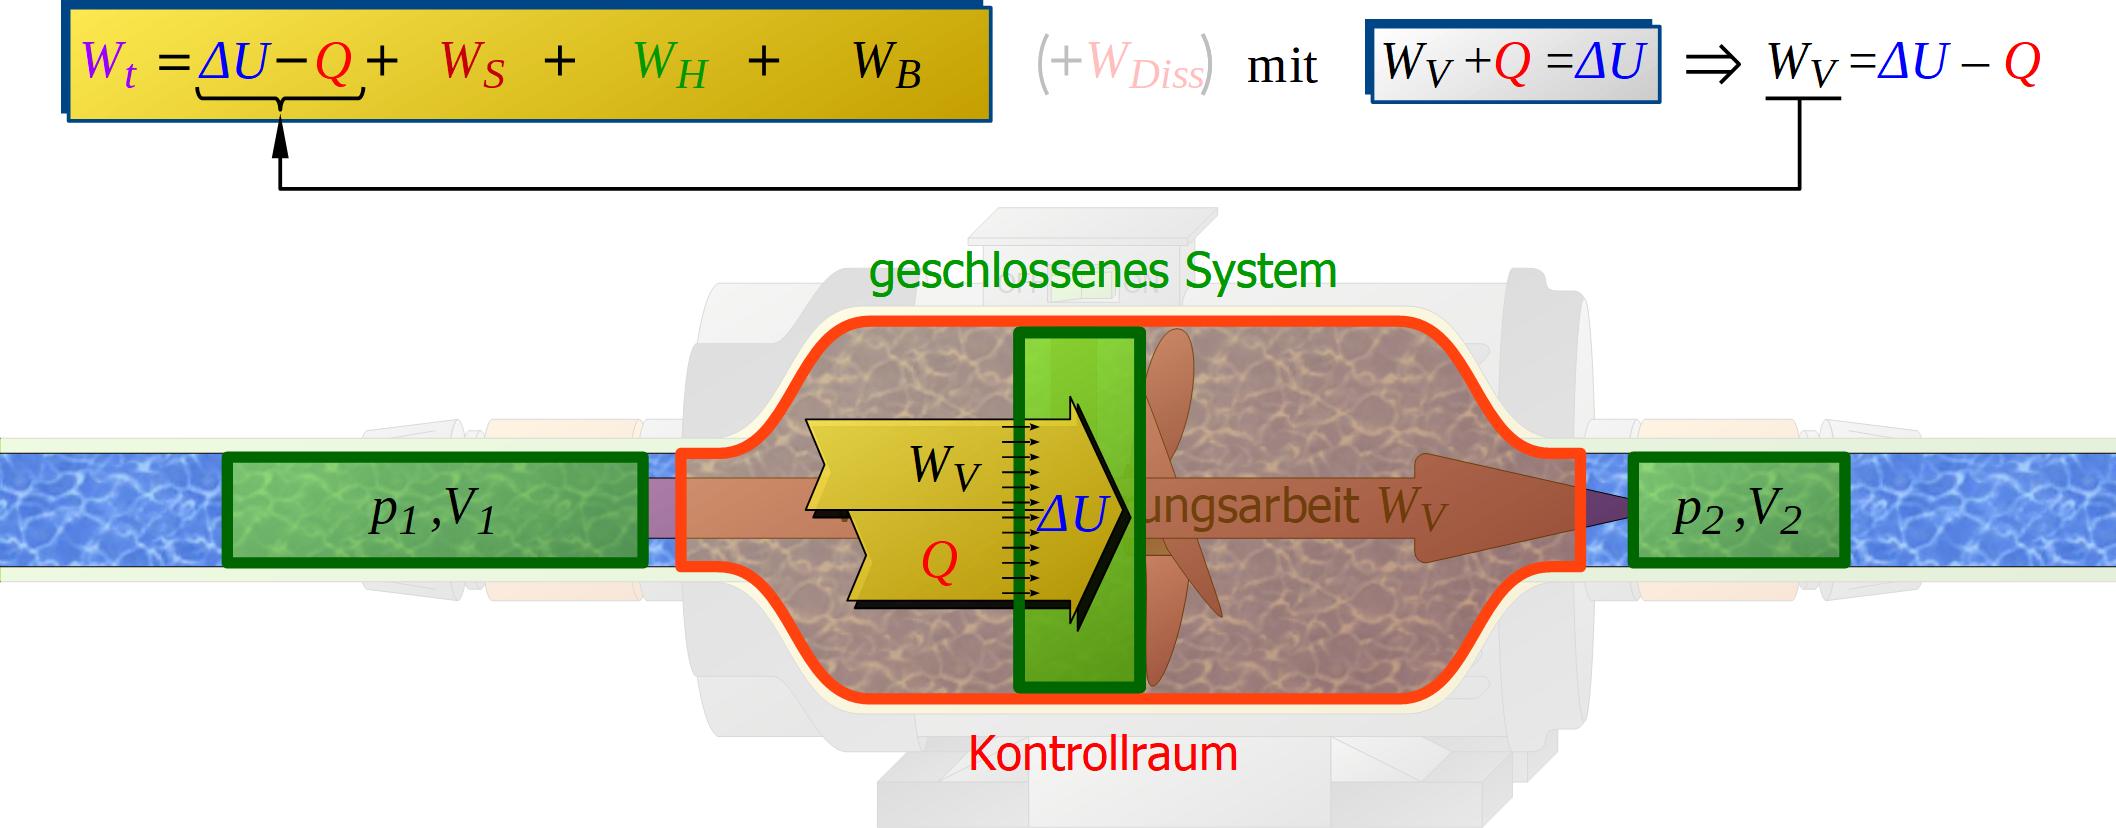 Erster Hauptsatz Der Thermodynamik Fur Offene Systeme Maschinenbau Physik